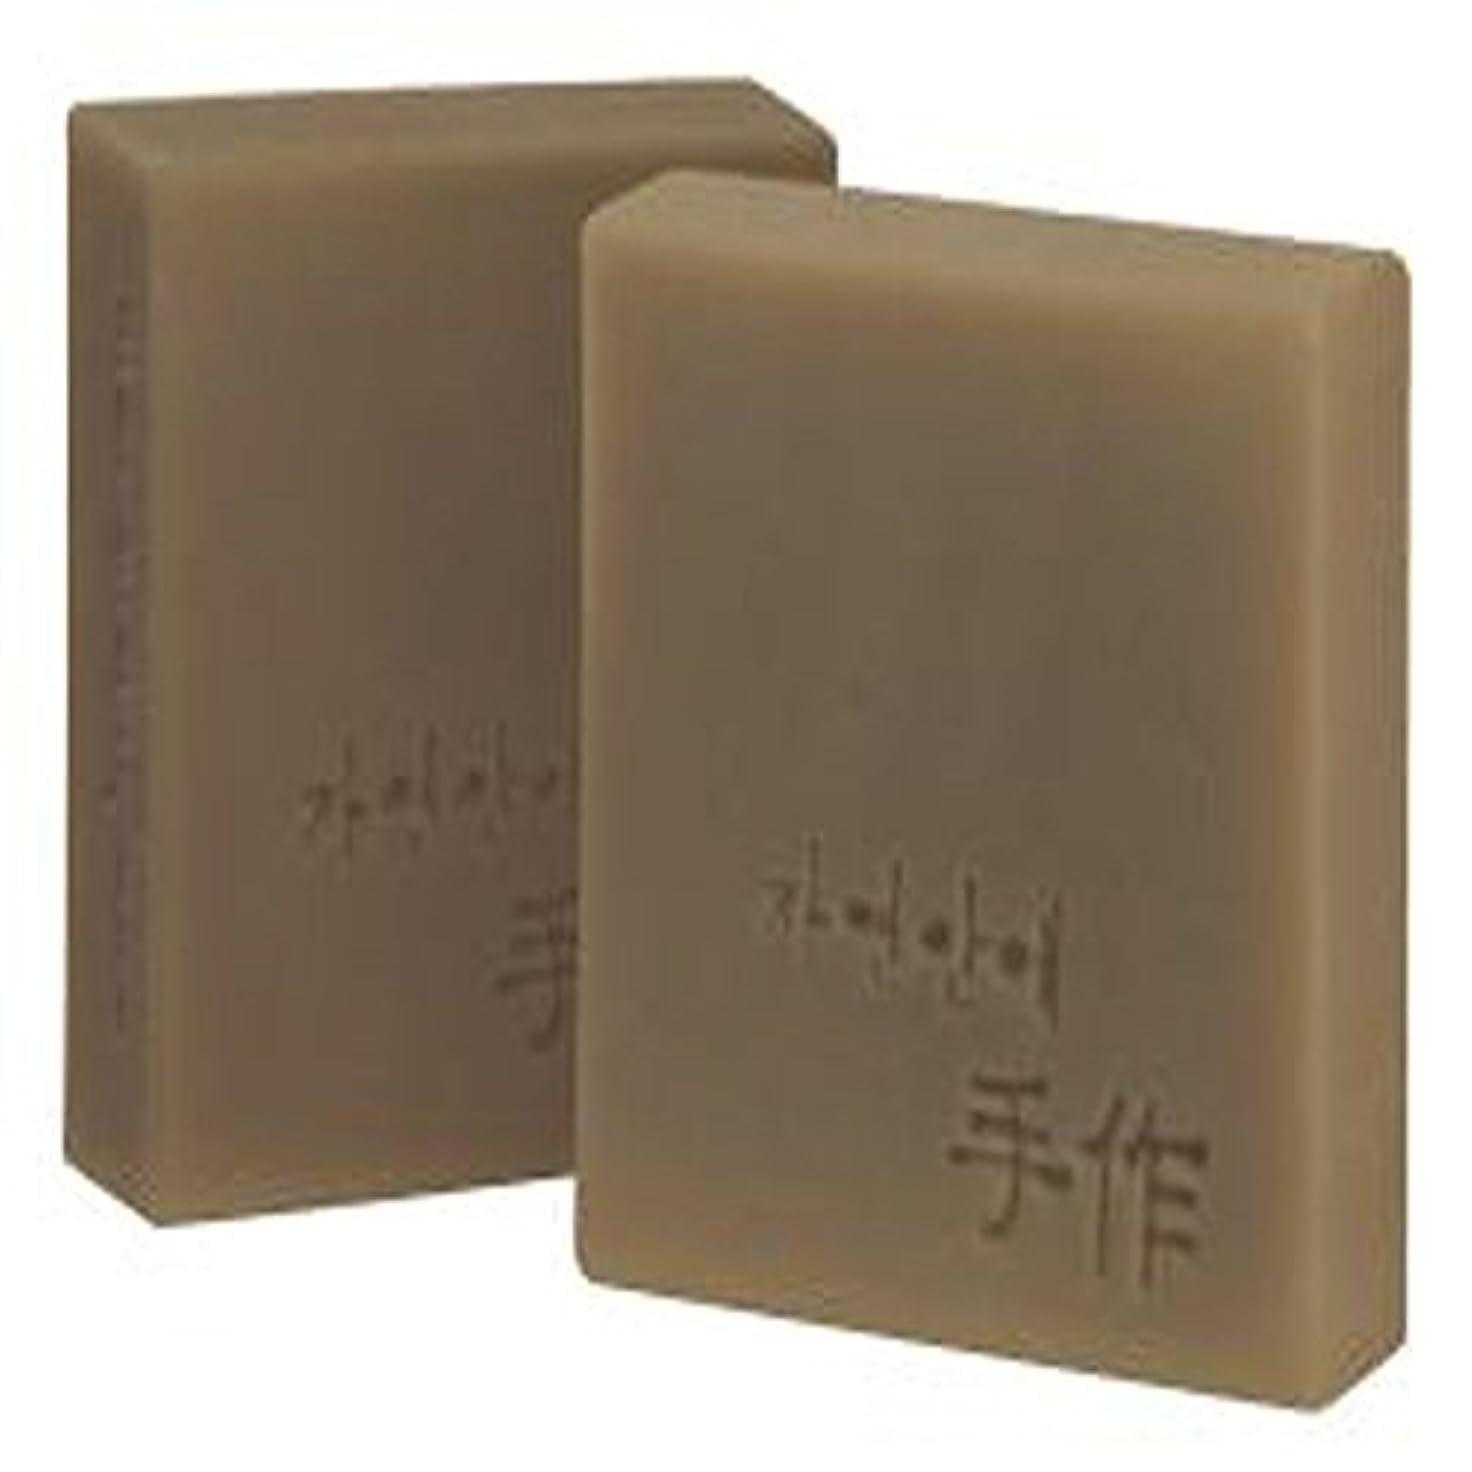 のため高度な意味のあるNatural organic 有機天然ソープ 固形 無添加 洗顔せっけんクレンジング [並行輸入品] (トサジャ)